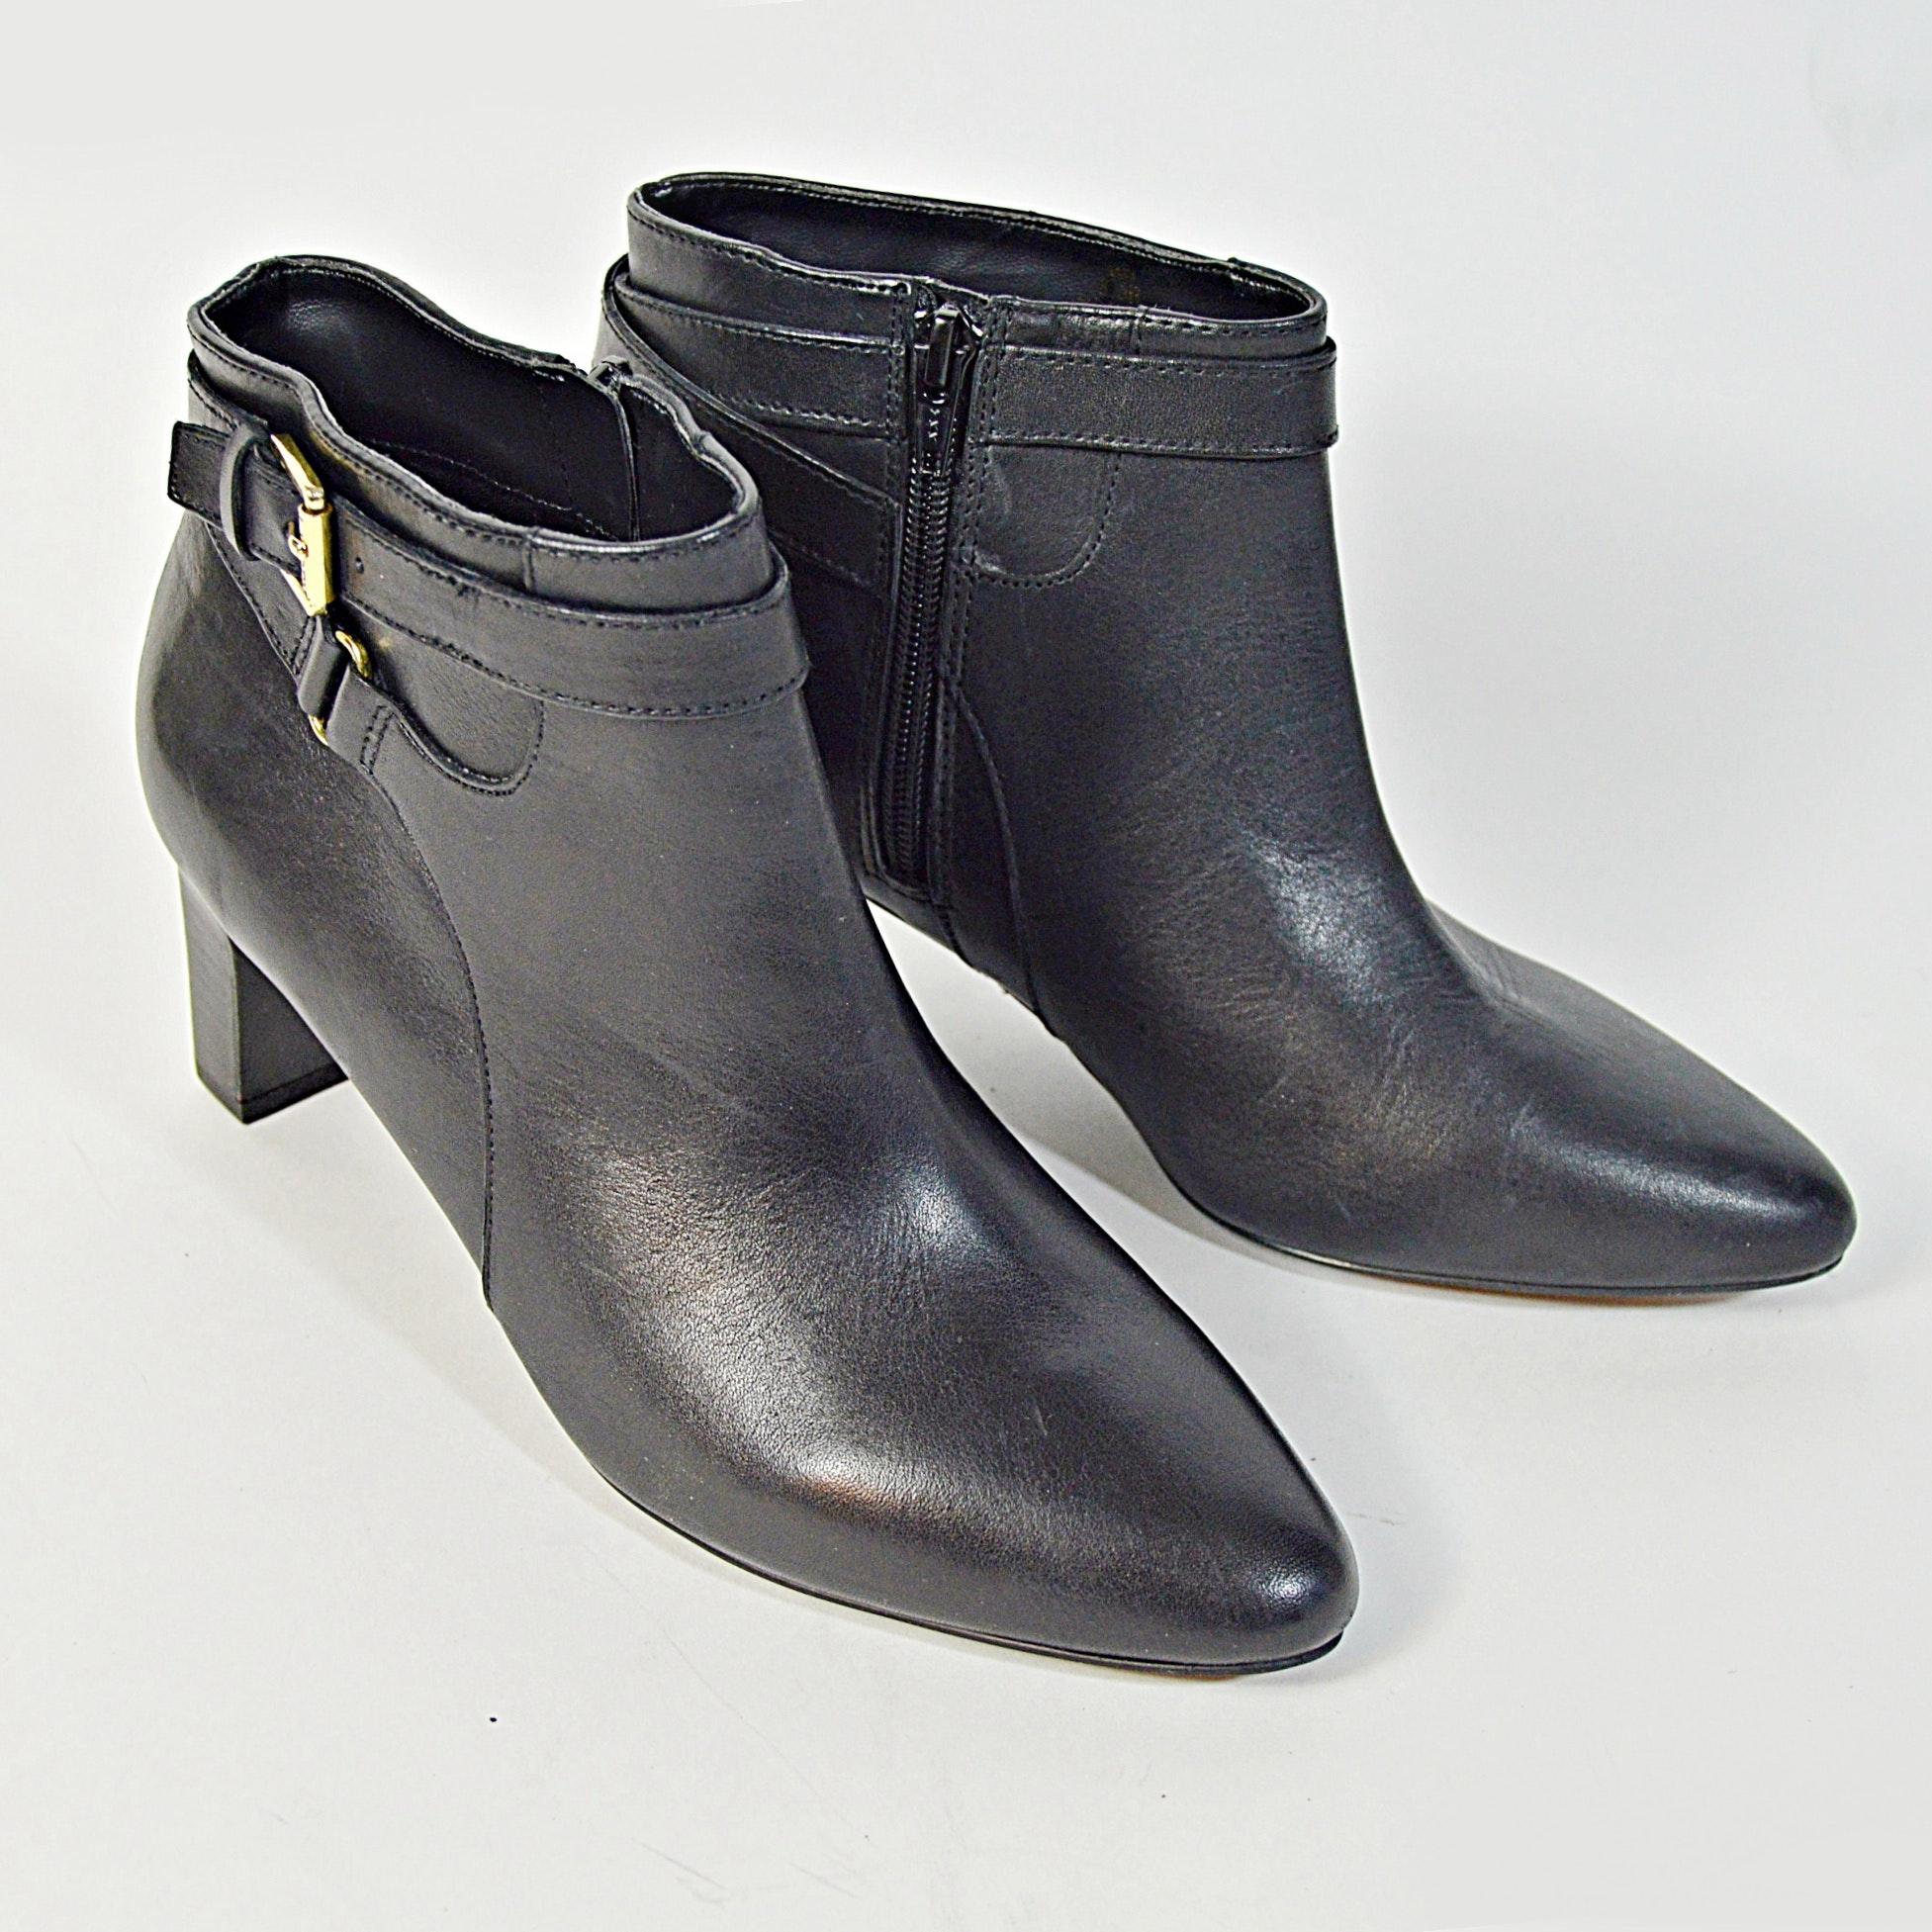 Lauren Ralph Lauren Black Leather Boots, 8.5M